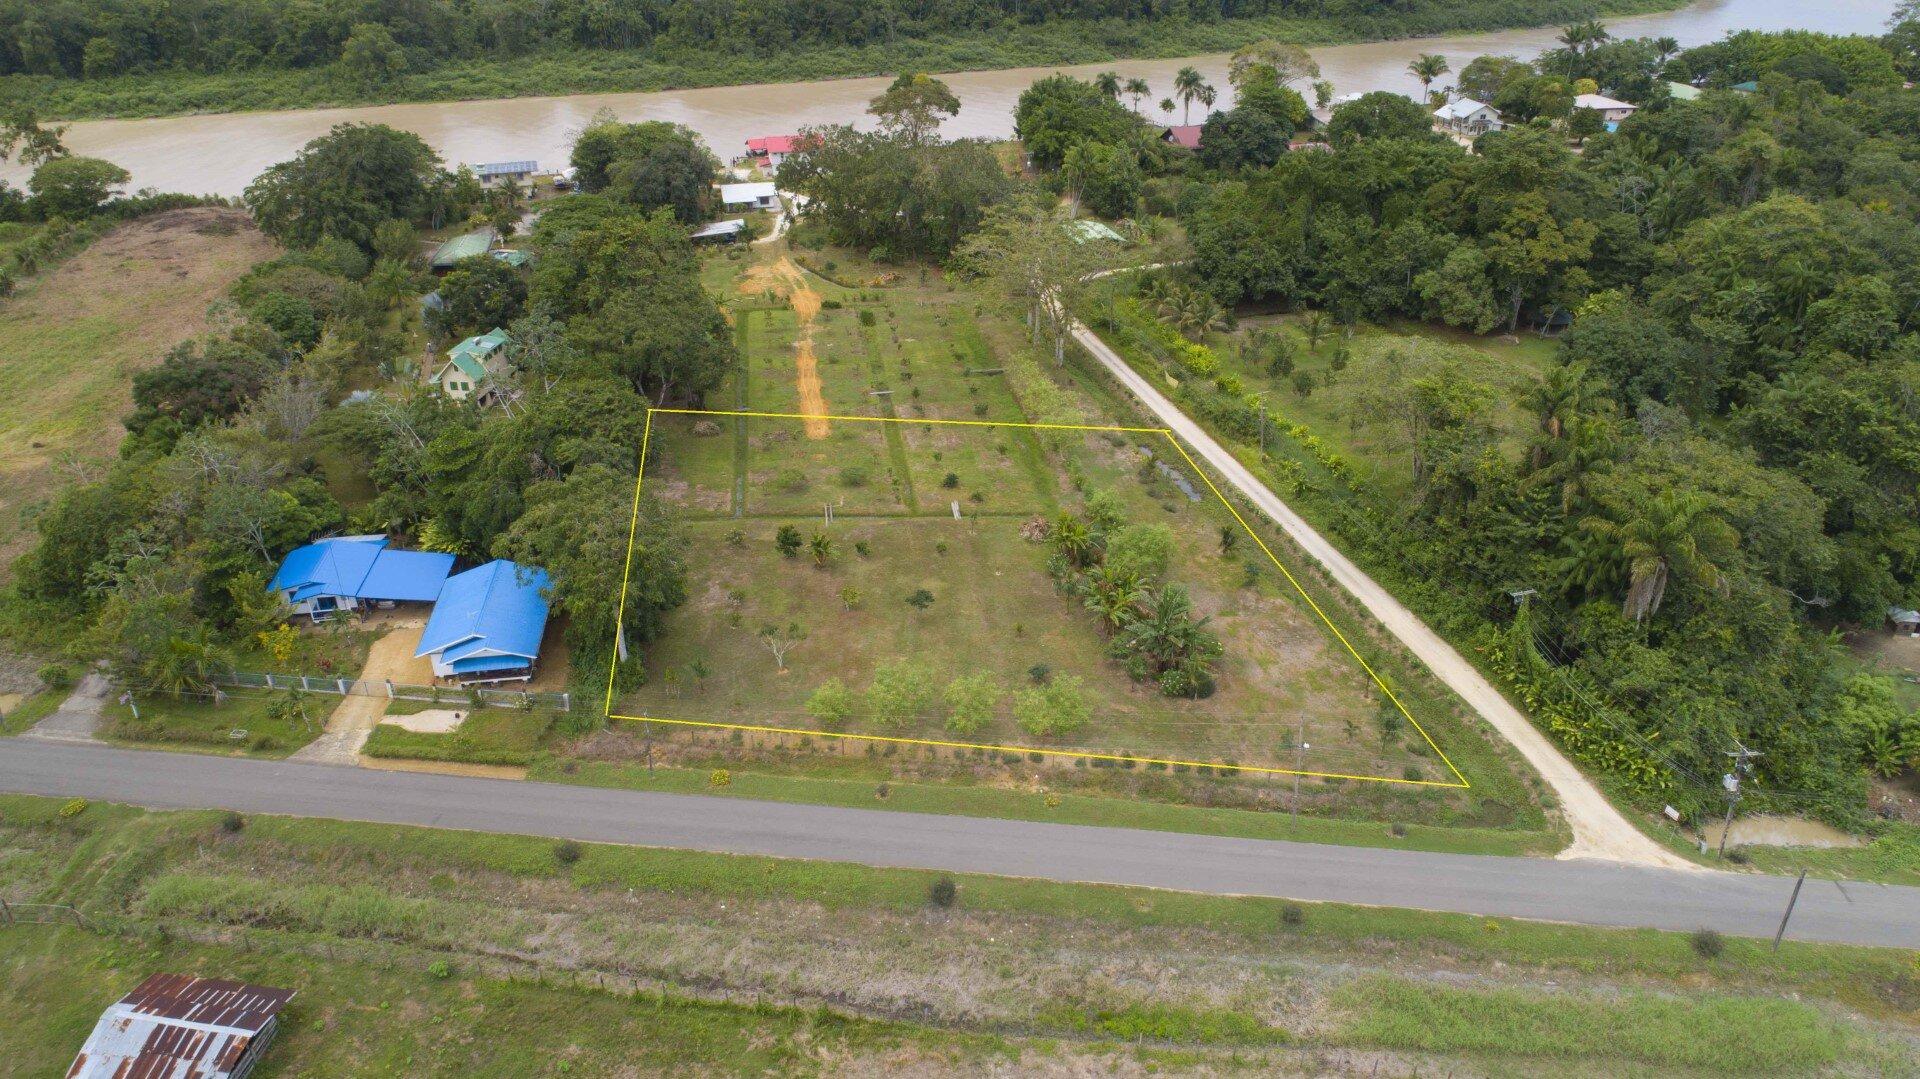 Misgunstweg 94 - Prachtige bouwkavel gelegen langs de weg naar Misgunst te Saramacca, volop natuur! - Surgoed Makelaardij NV - Paramaribo, Suriname